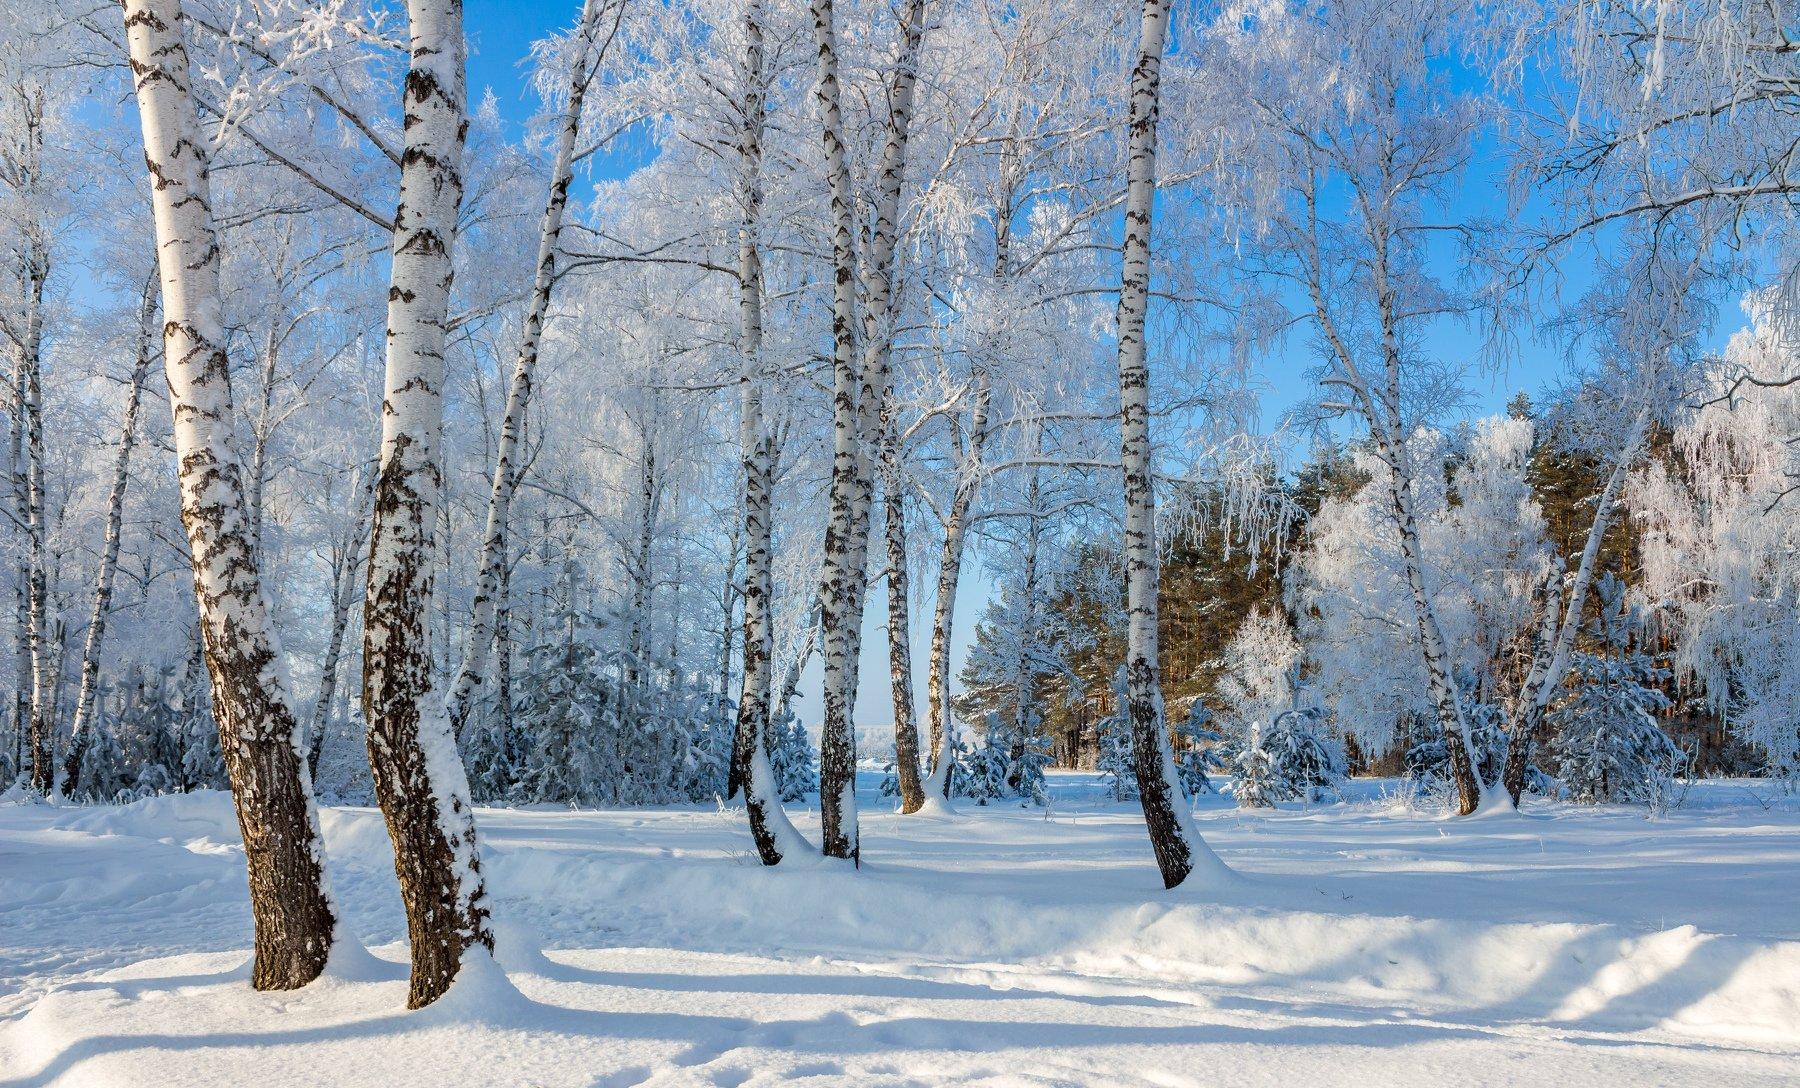 усмань, снег, мороз, лес, зима, заповедник, берёзы, Руслан Востриков